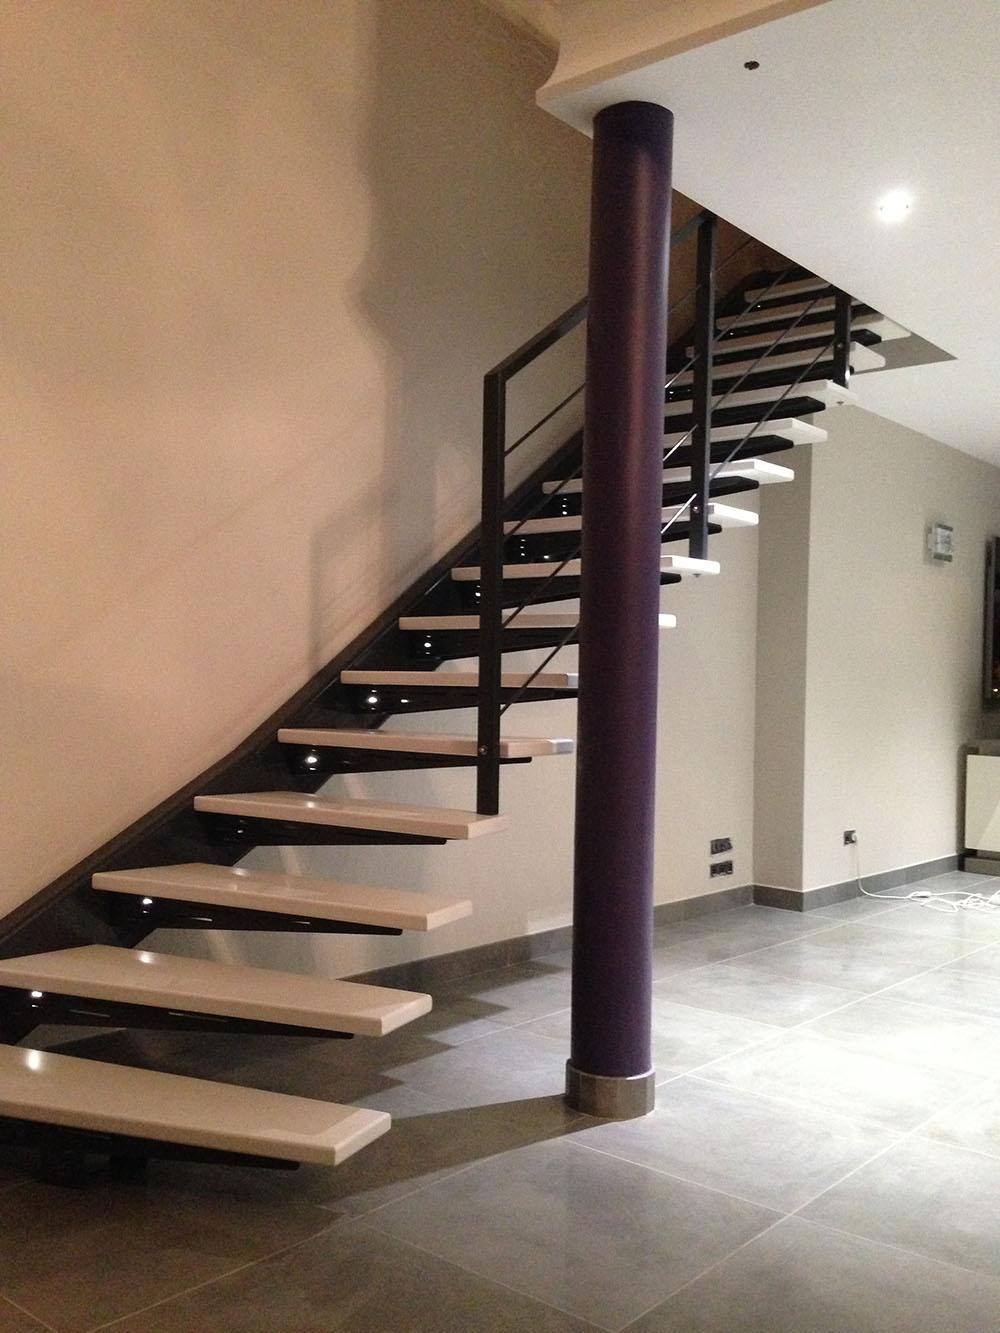 achat et pose escalier flottant en moselle lorraine et alsace. Black Bedroom Furniture Sets. Home Design Ideas